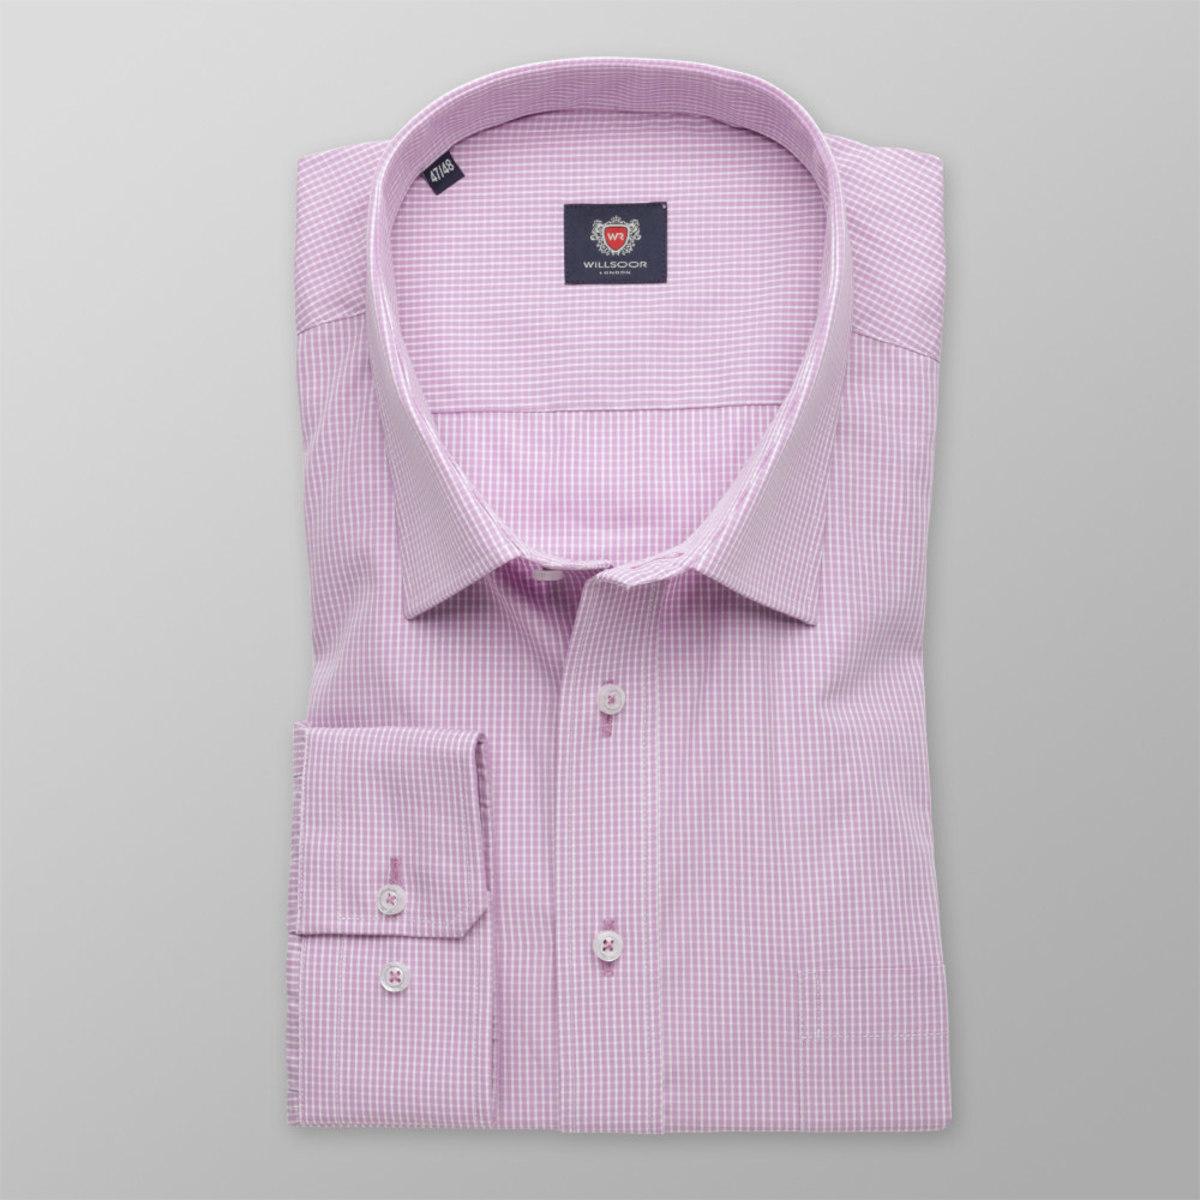 Pánska klasická košeľa London (výška 176-182) 8632 vo fialkovej farbe s kostičkou 176-182 / 47/48